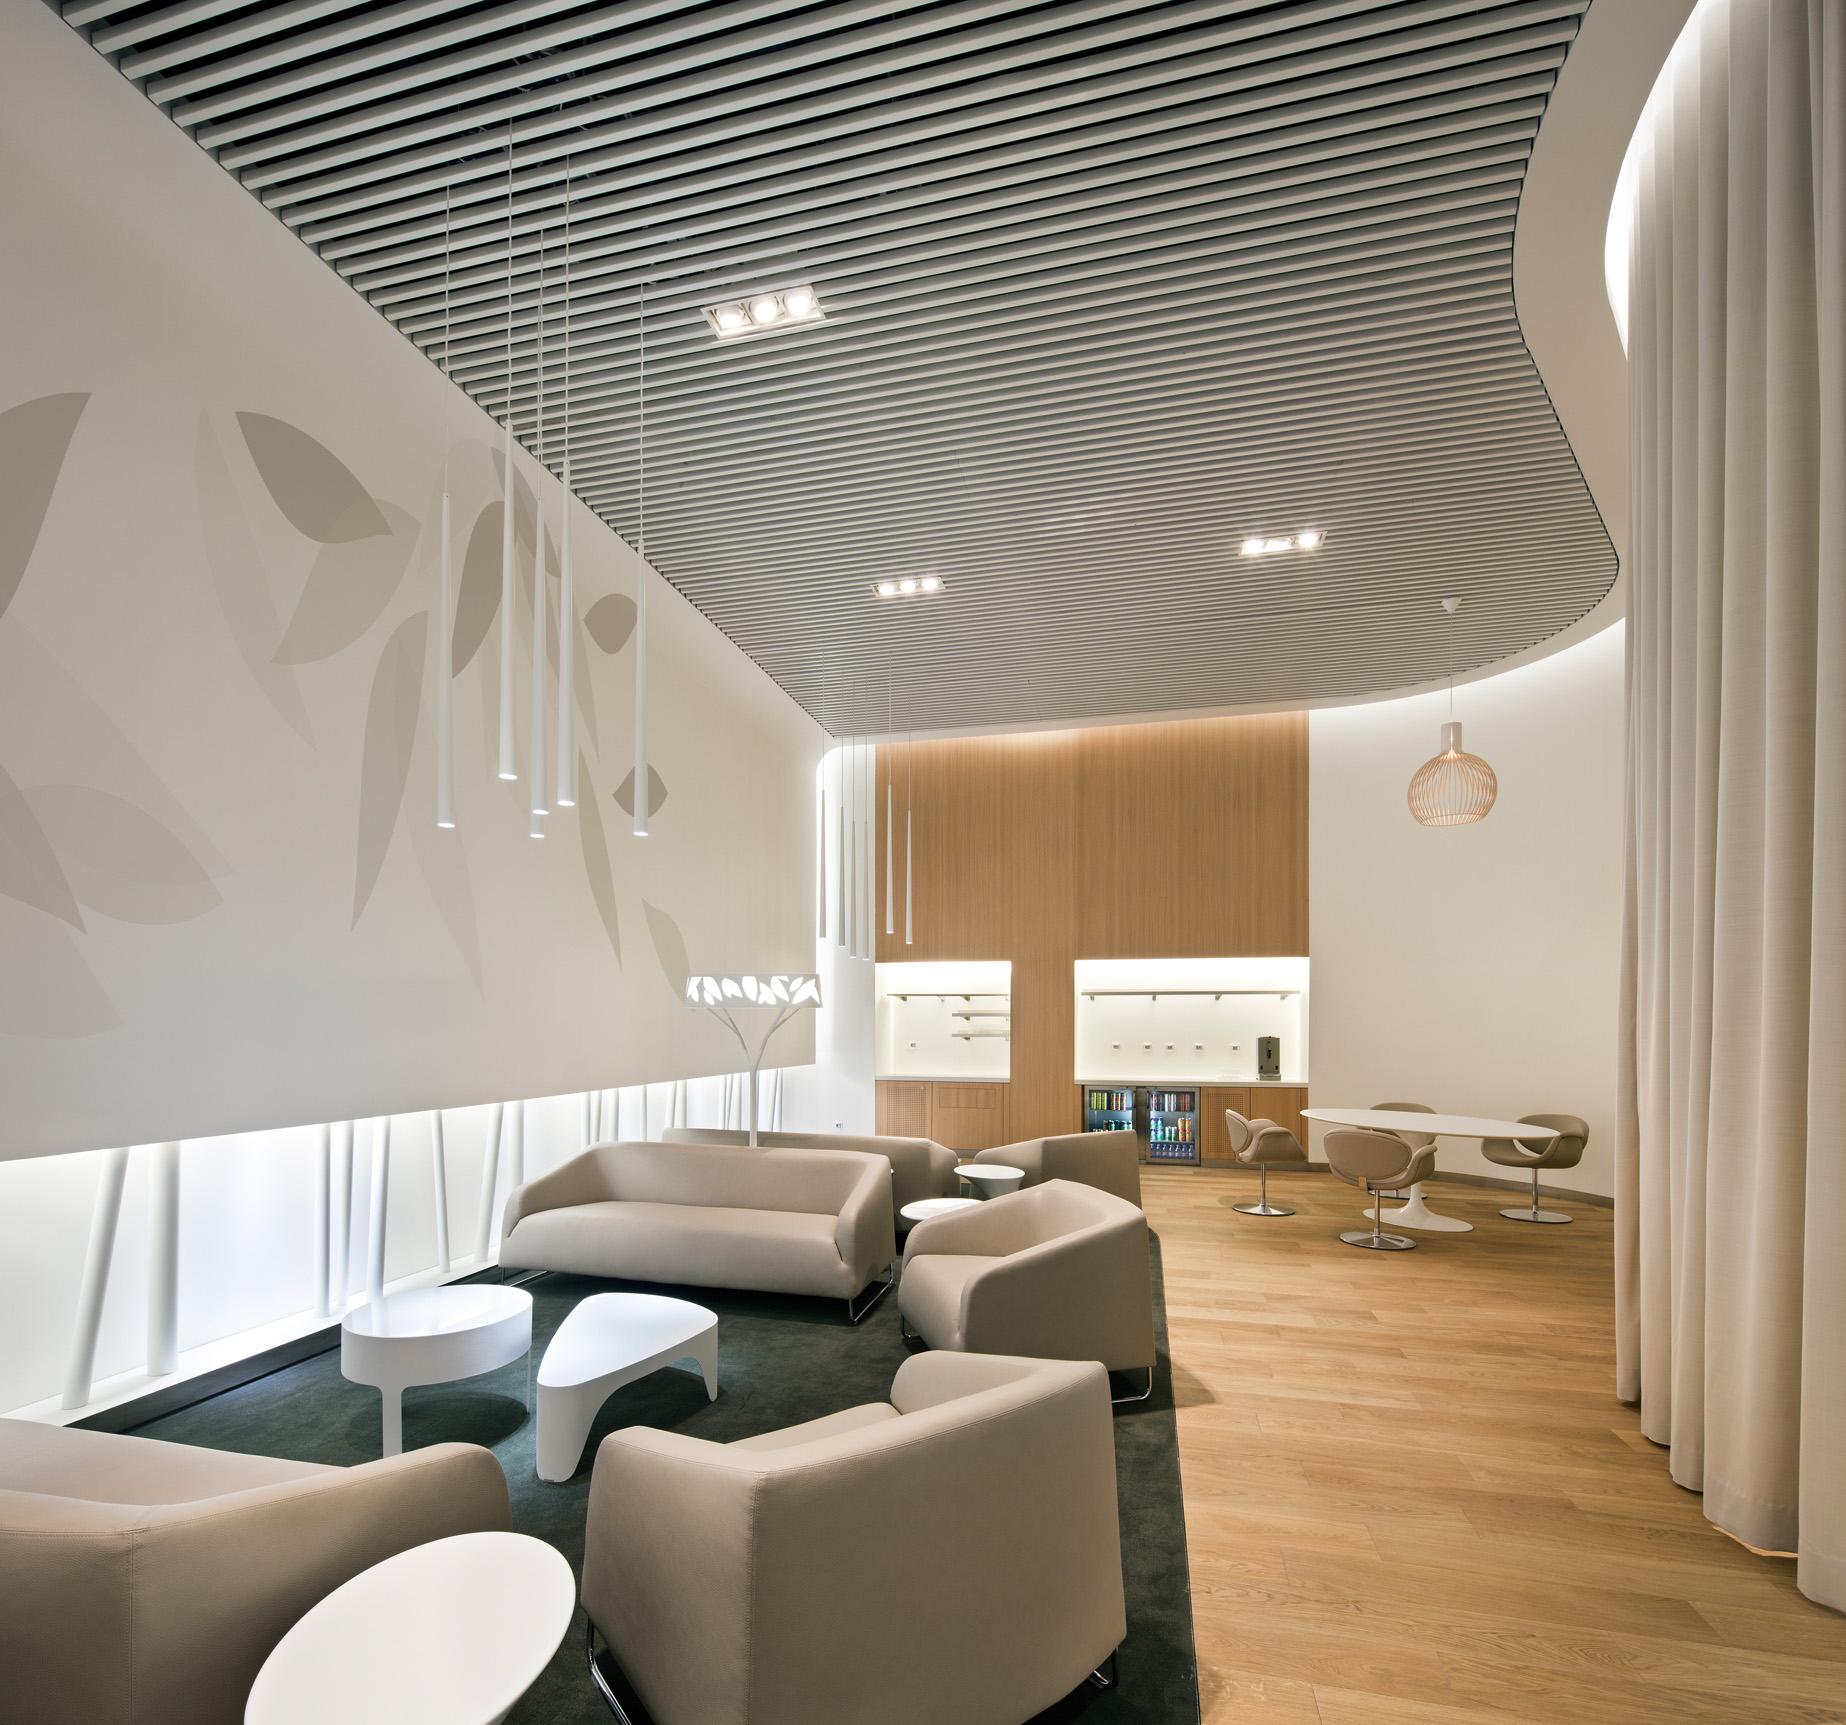 Visite du nouveau salon air france dans le s4 services for Espace 3 architecture